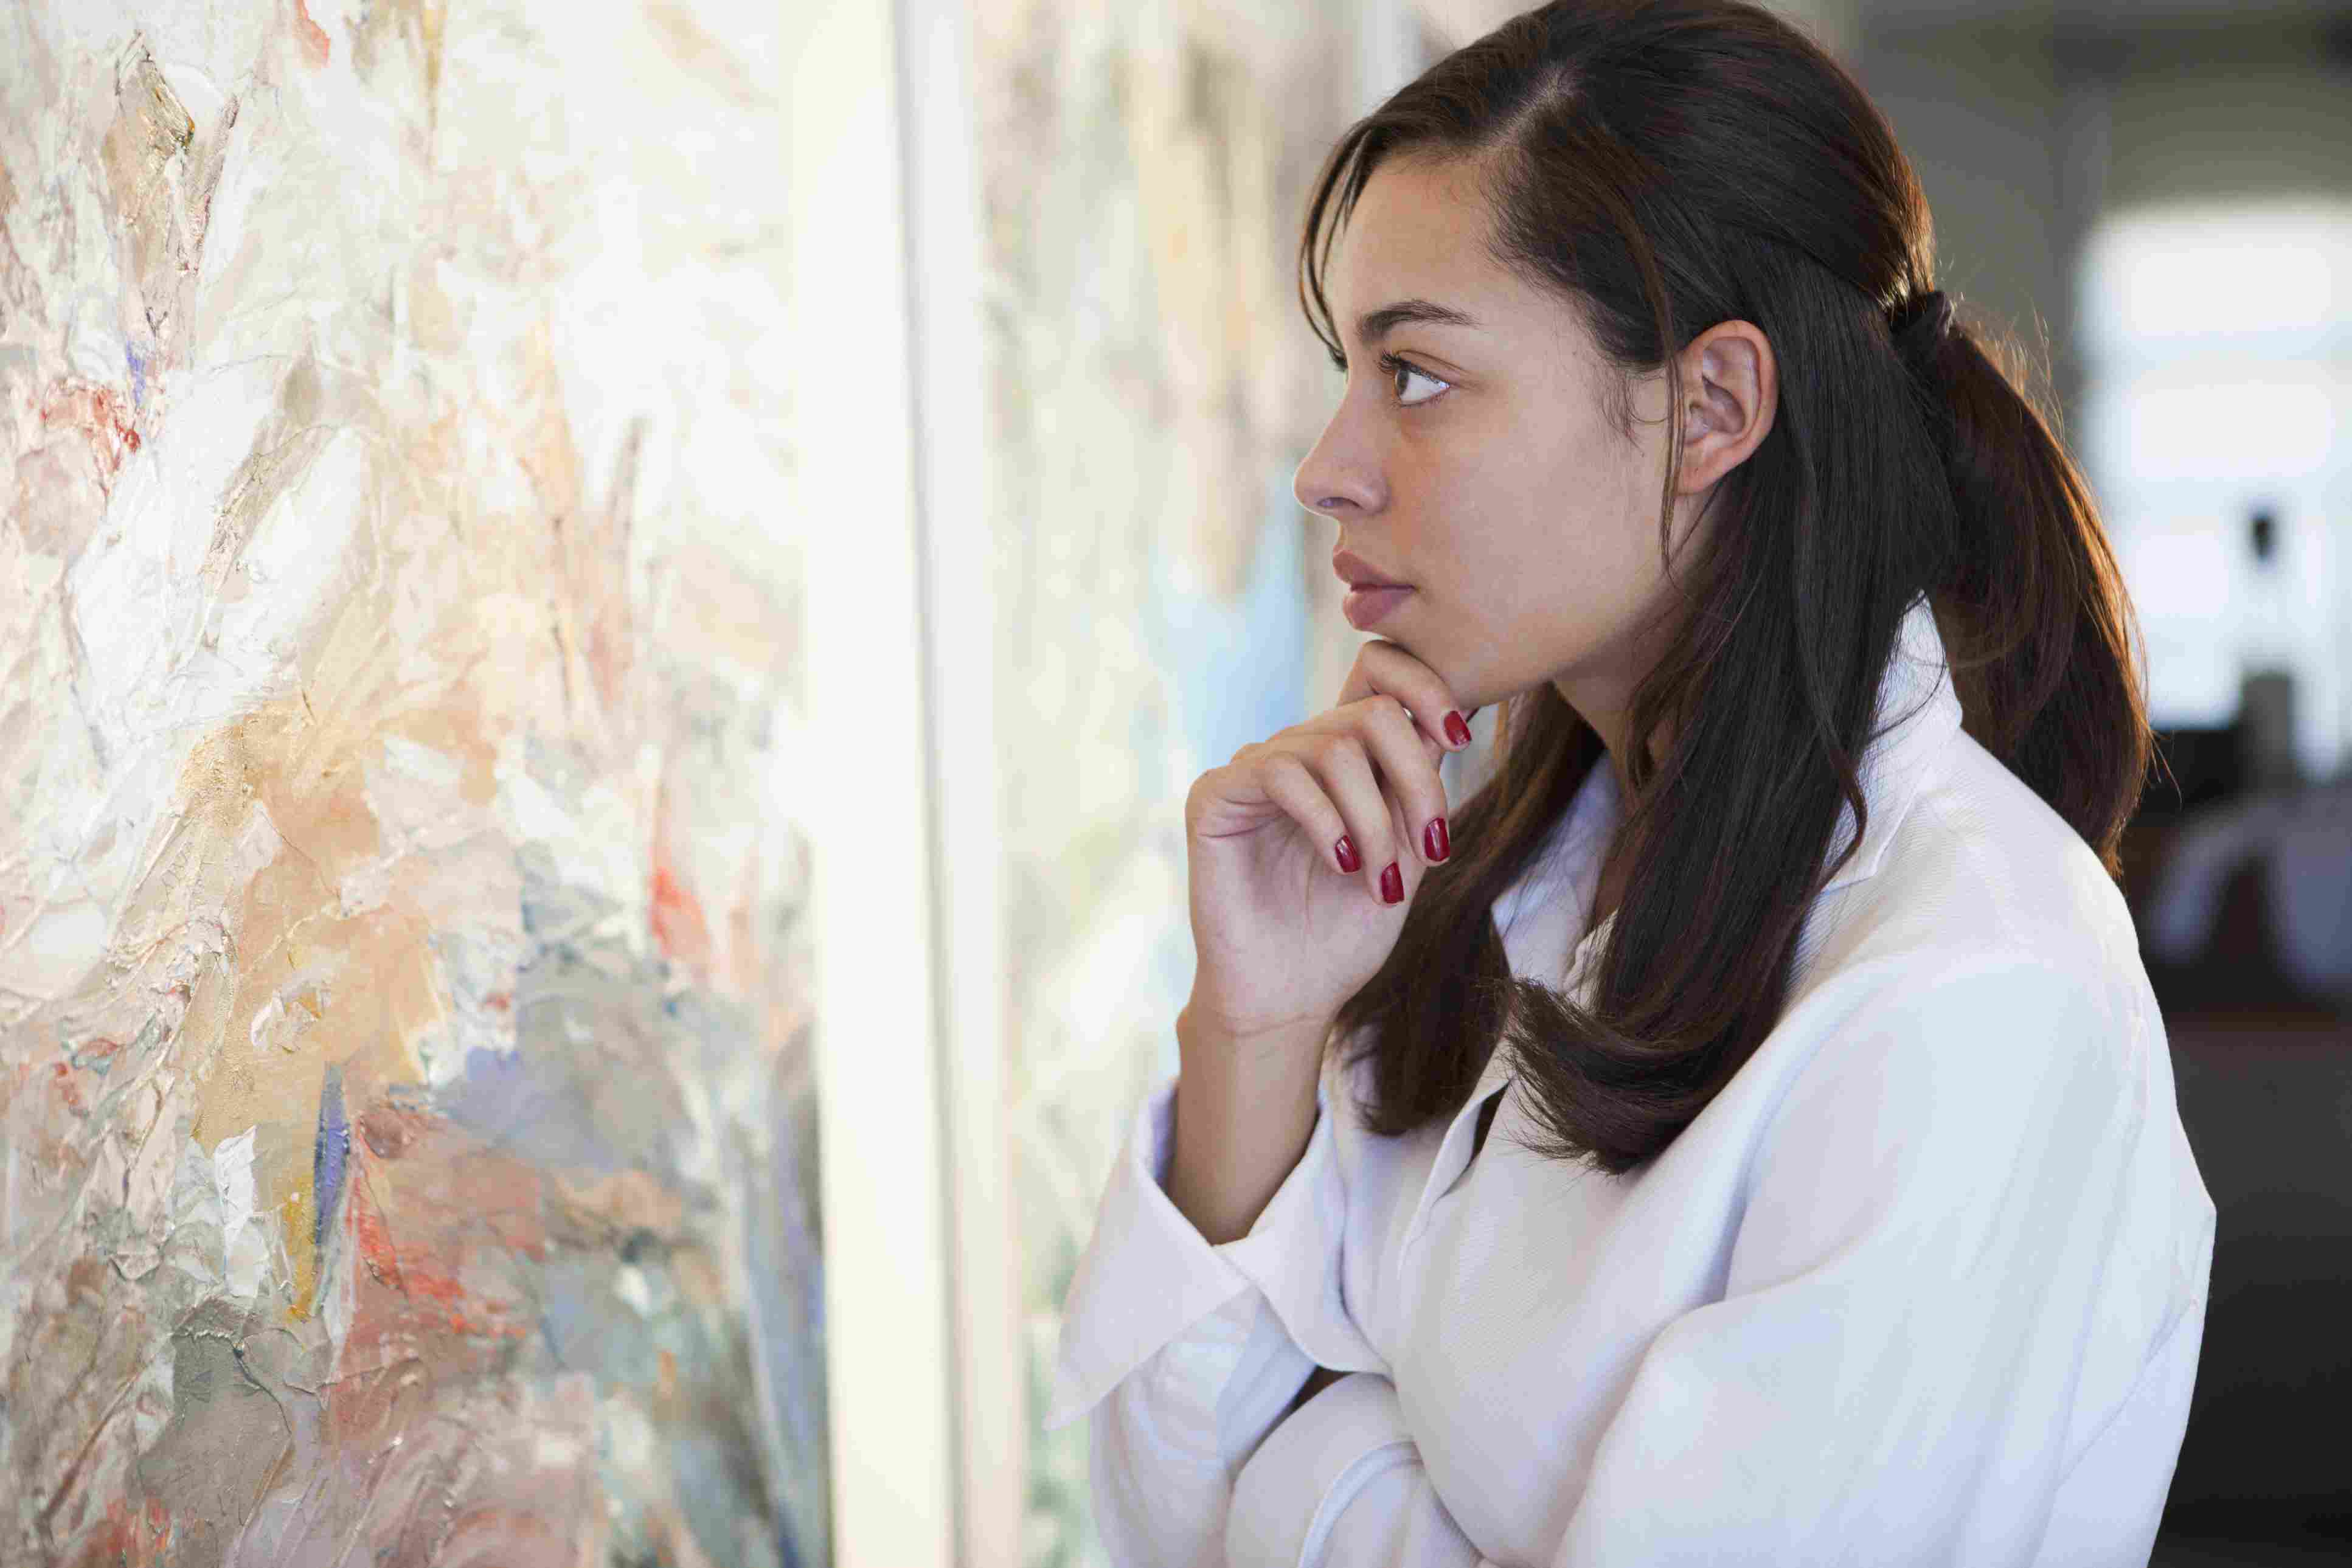 A woman looking at artwork.